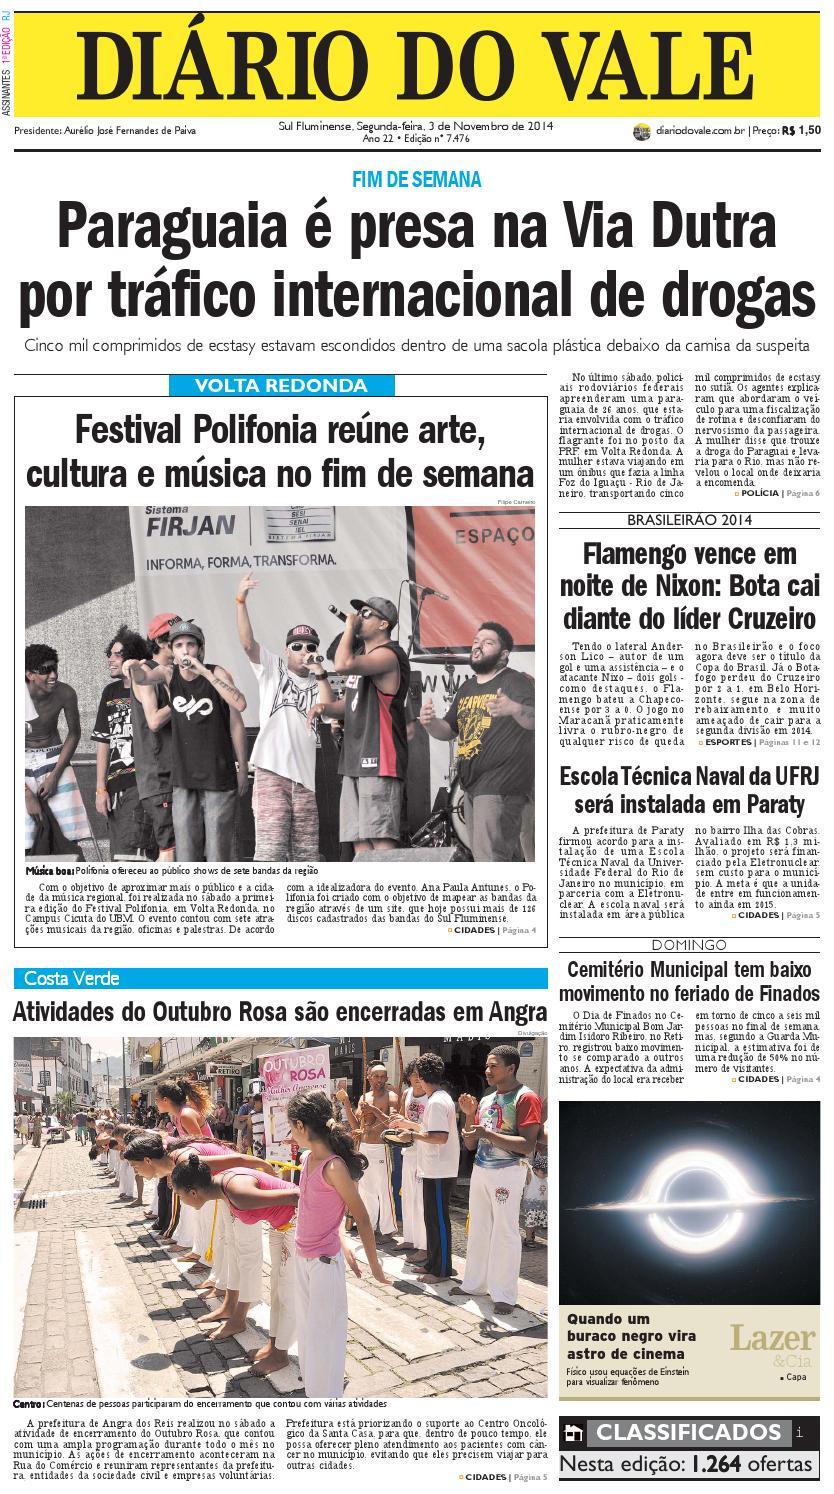 7476 diario segunda feira 03 11 2014 by Diário do Vale - issuu c94a8f60ff2